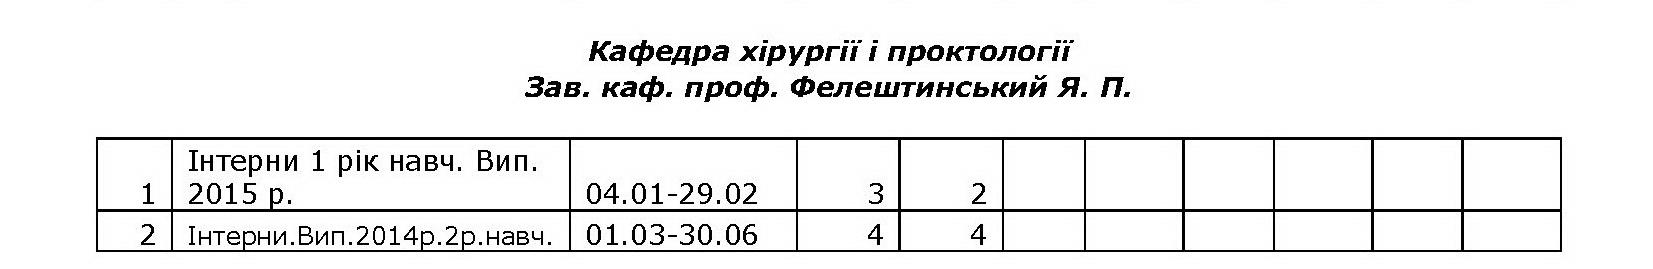 прокто1